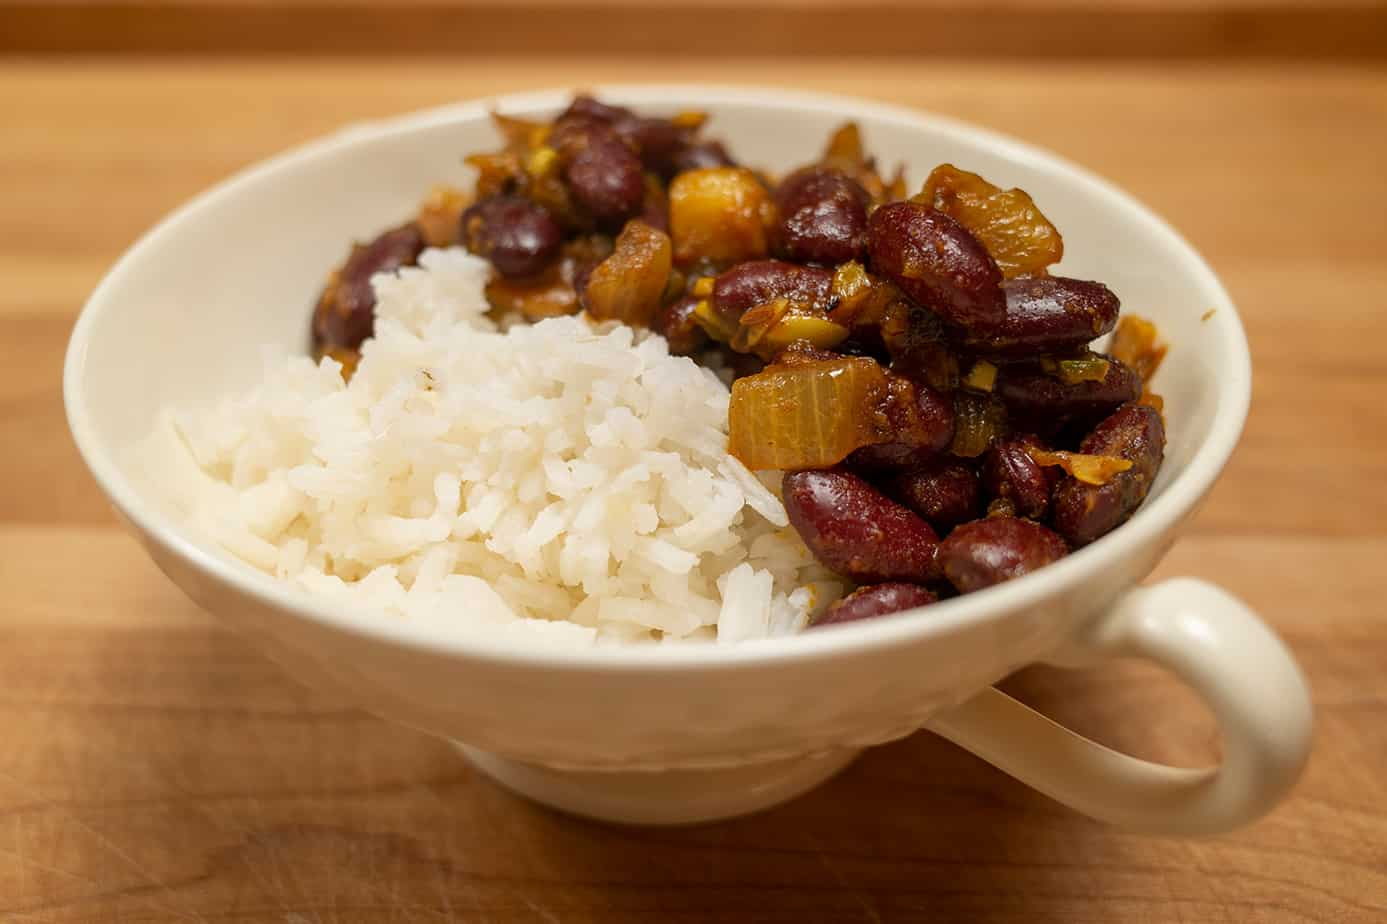 Indian kidney bean stew called Junjaro